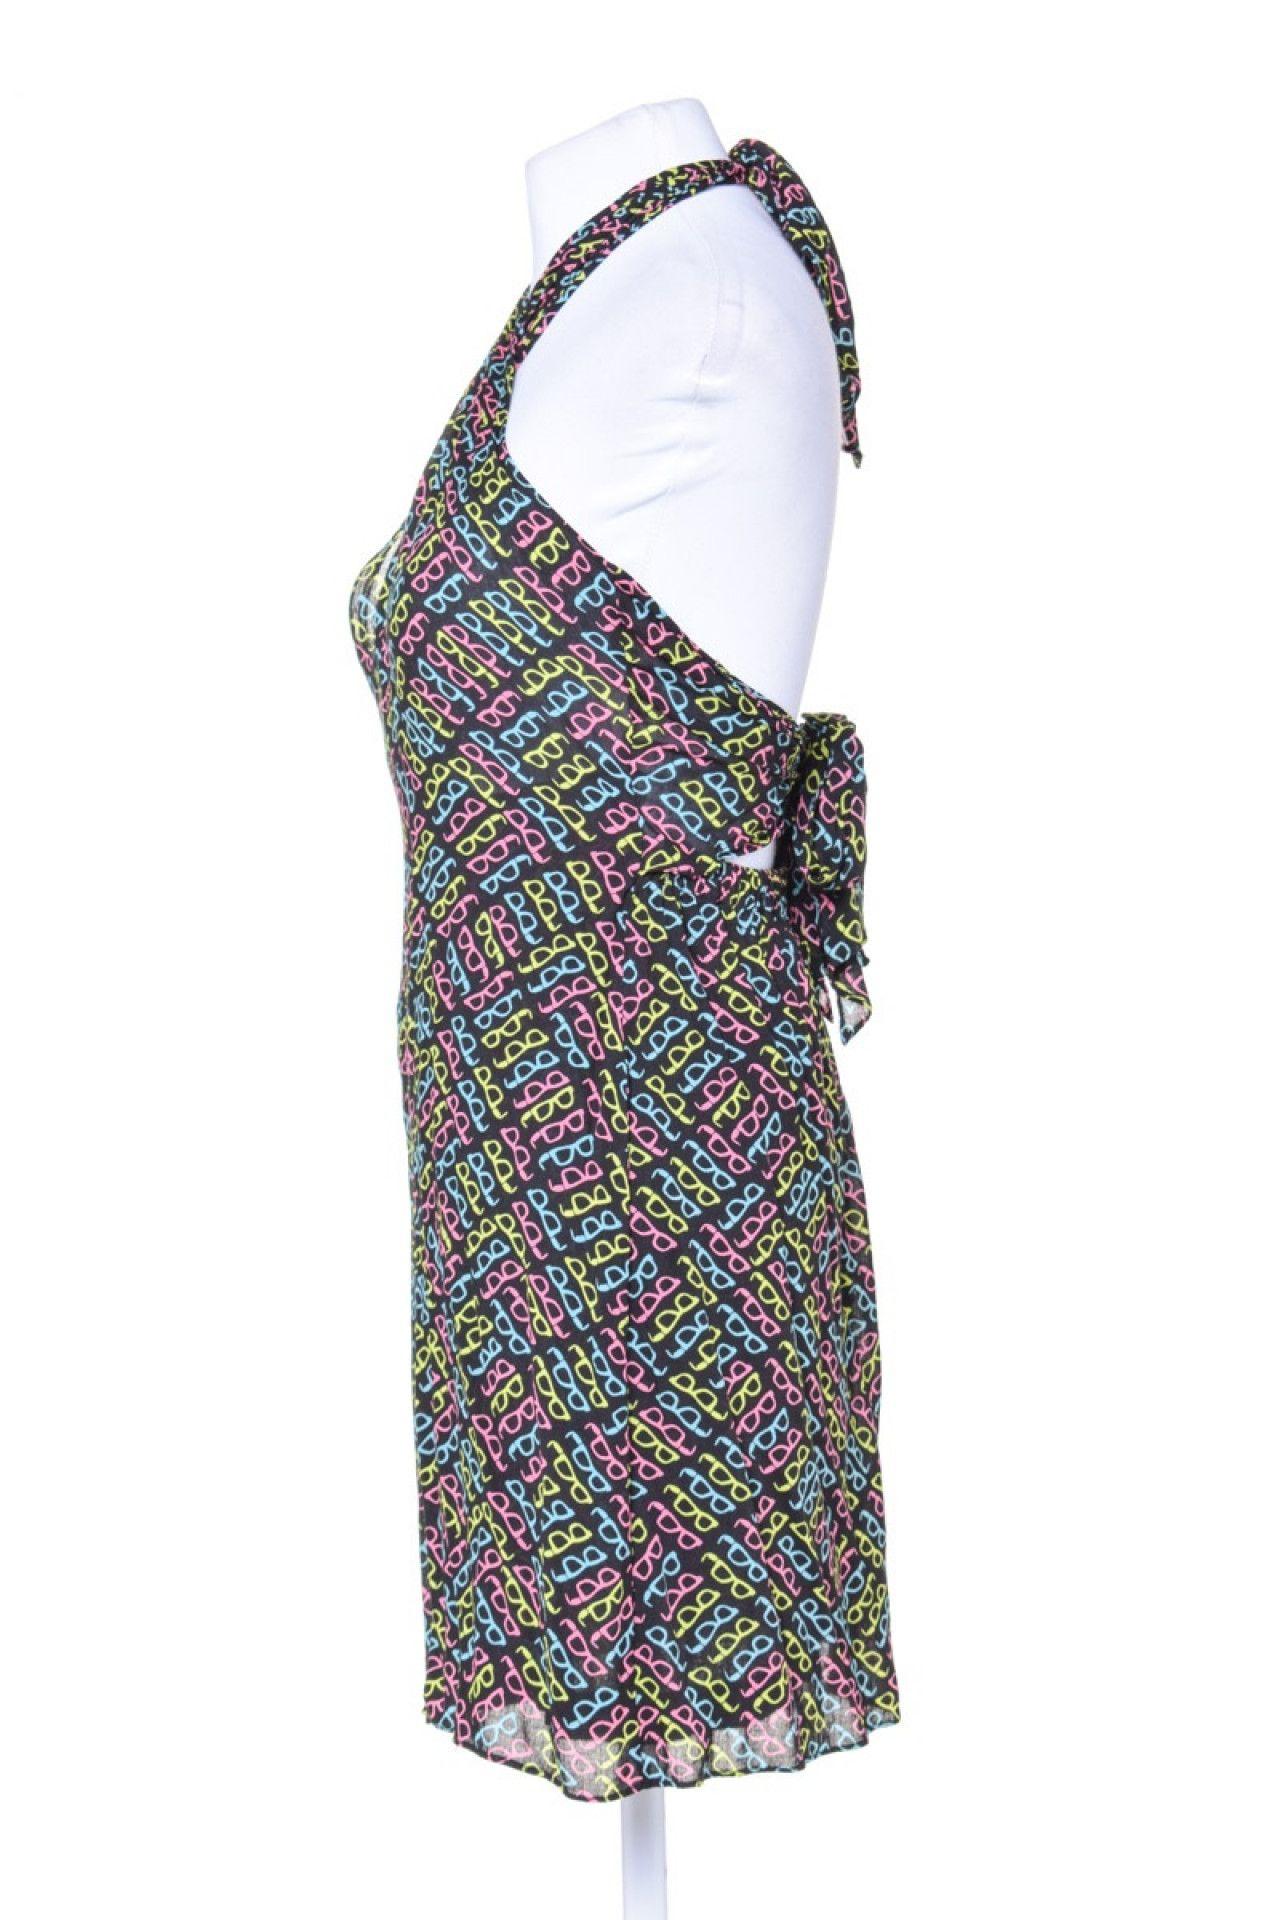 Totem - Vestido Estampa Óculos - Foto 2